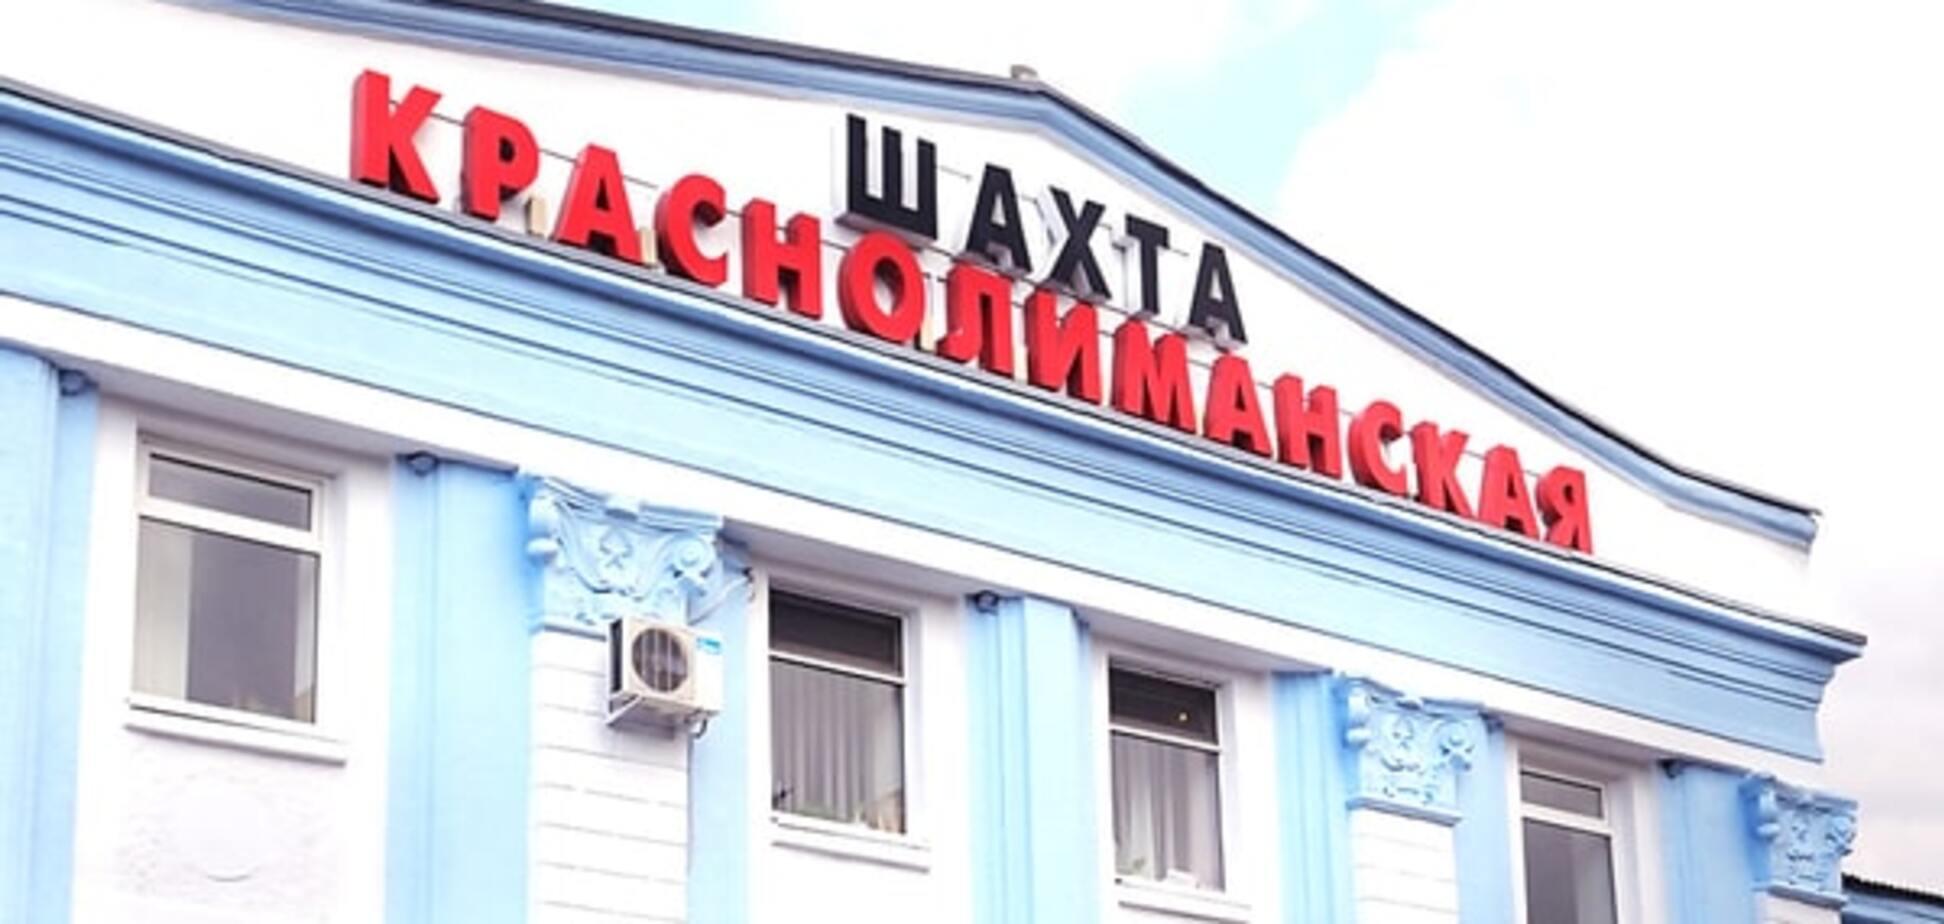 На шахте 'Краснолиманская' произошел очередной взрыв: есть жертвы